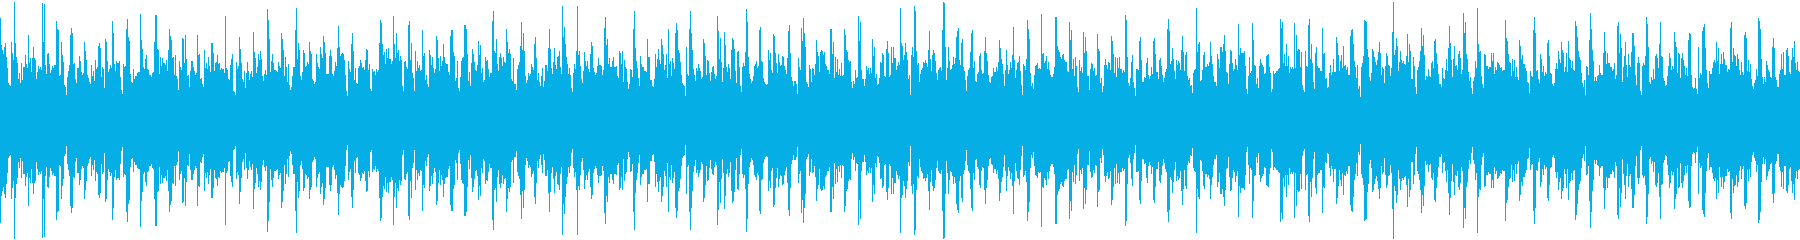 ニュースBGMなどに最適なポップ曲の再生済みの波形